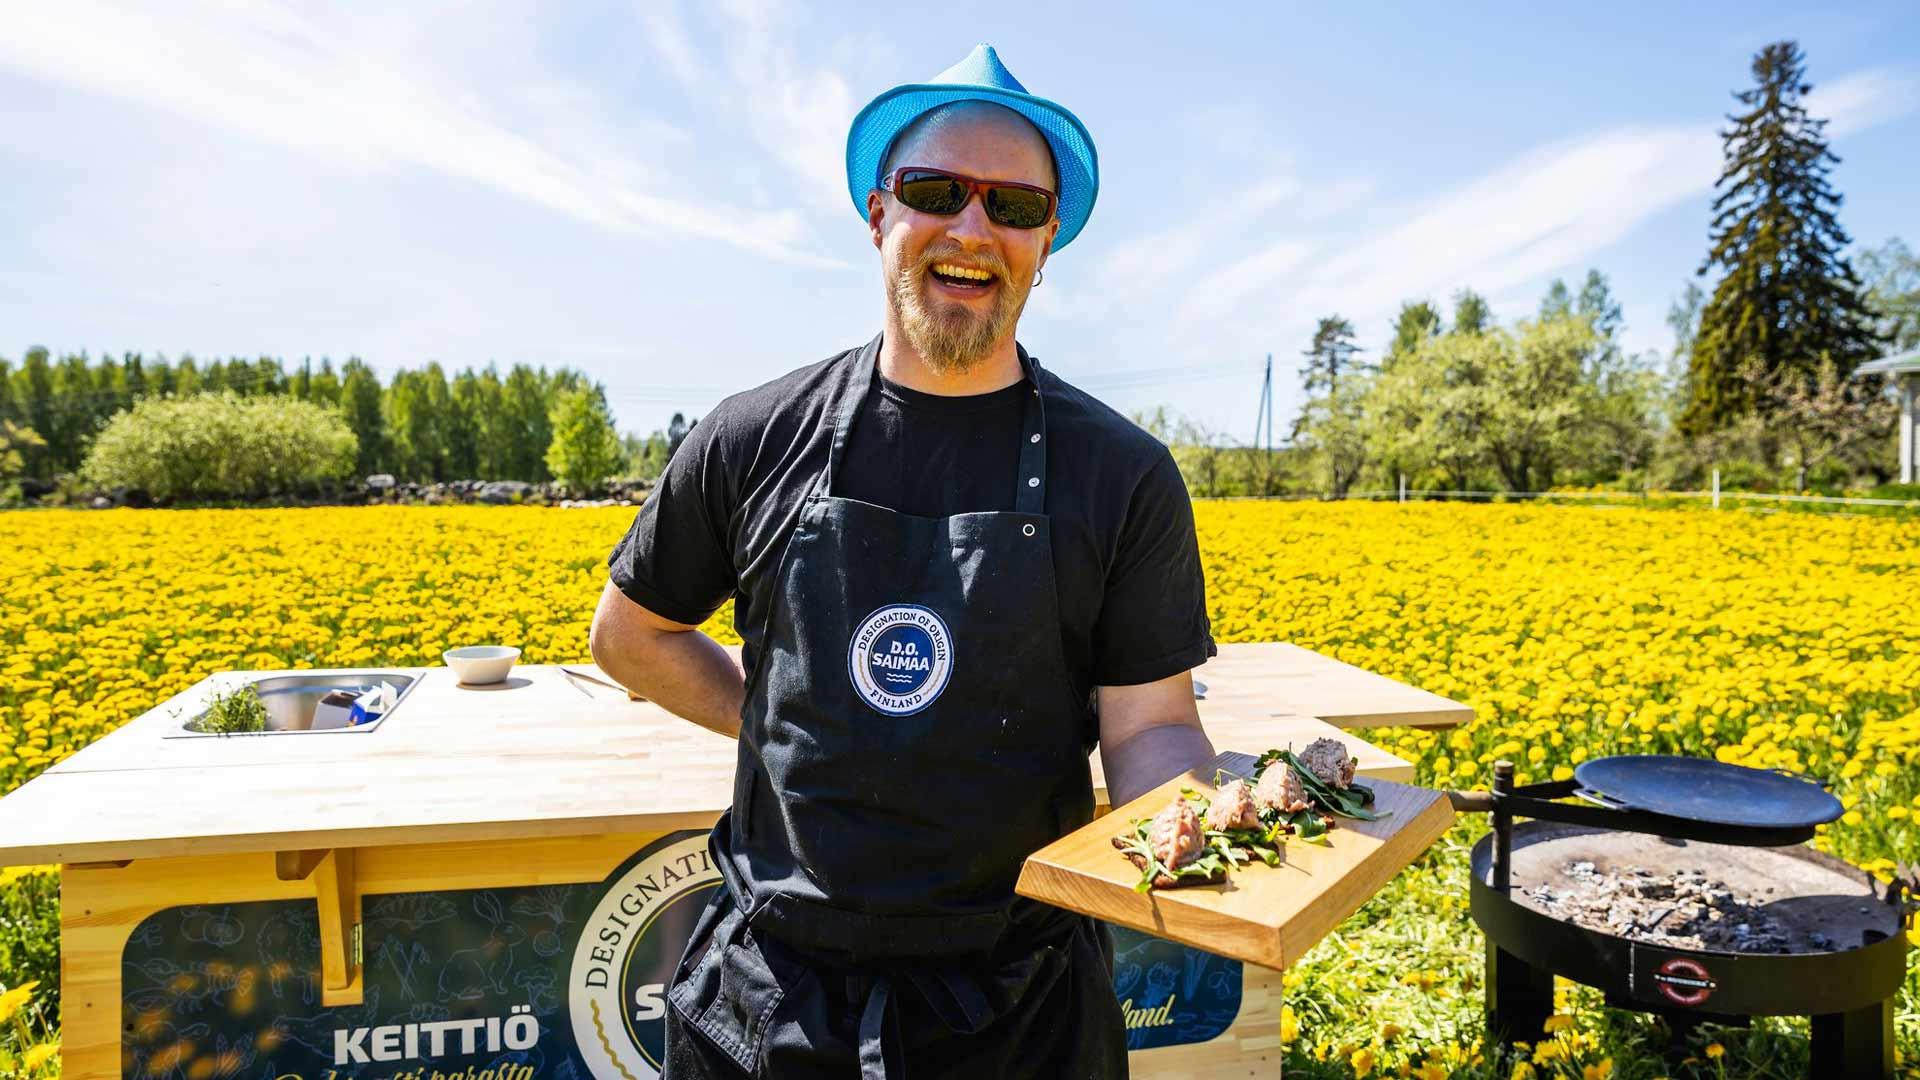 Tarjottimellinen Saimaan parasta antia. Keittiömestari Ilkka Arvola puhuu ja toimii Etelä-Savon puhtaiden tuotteiden puolesta.